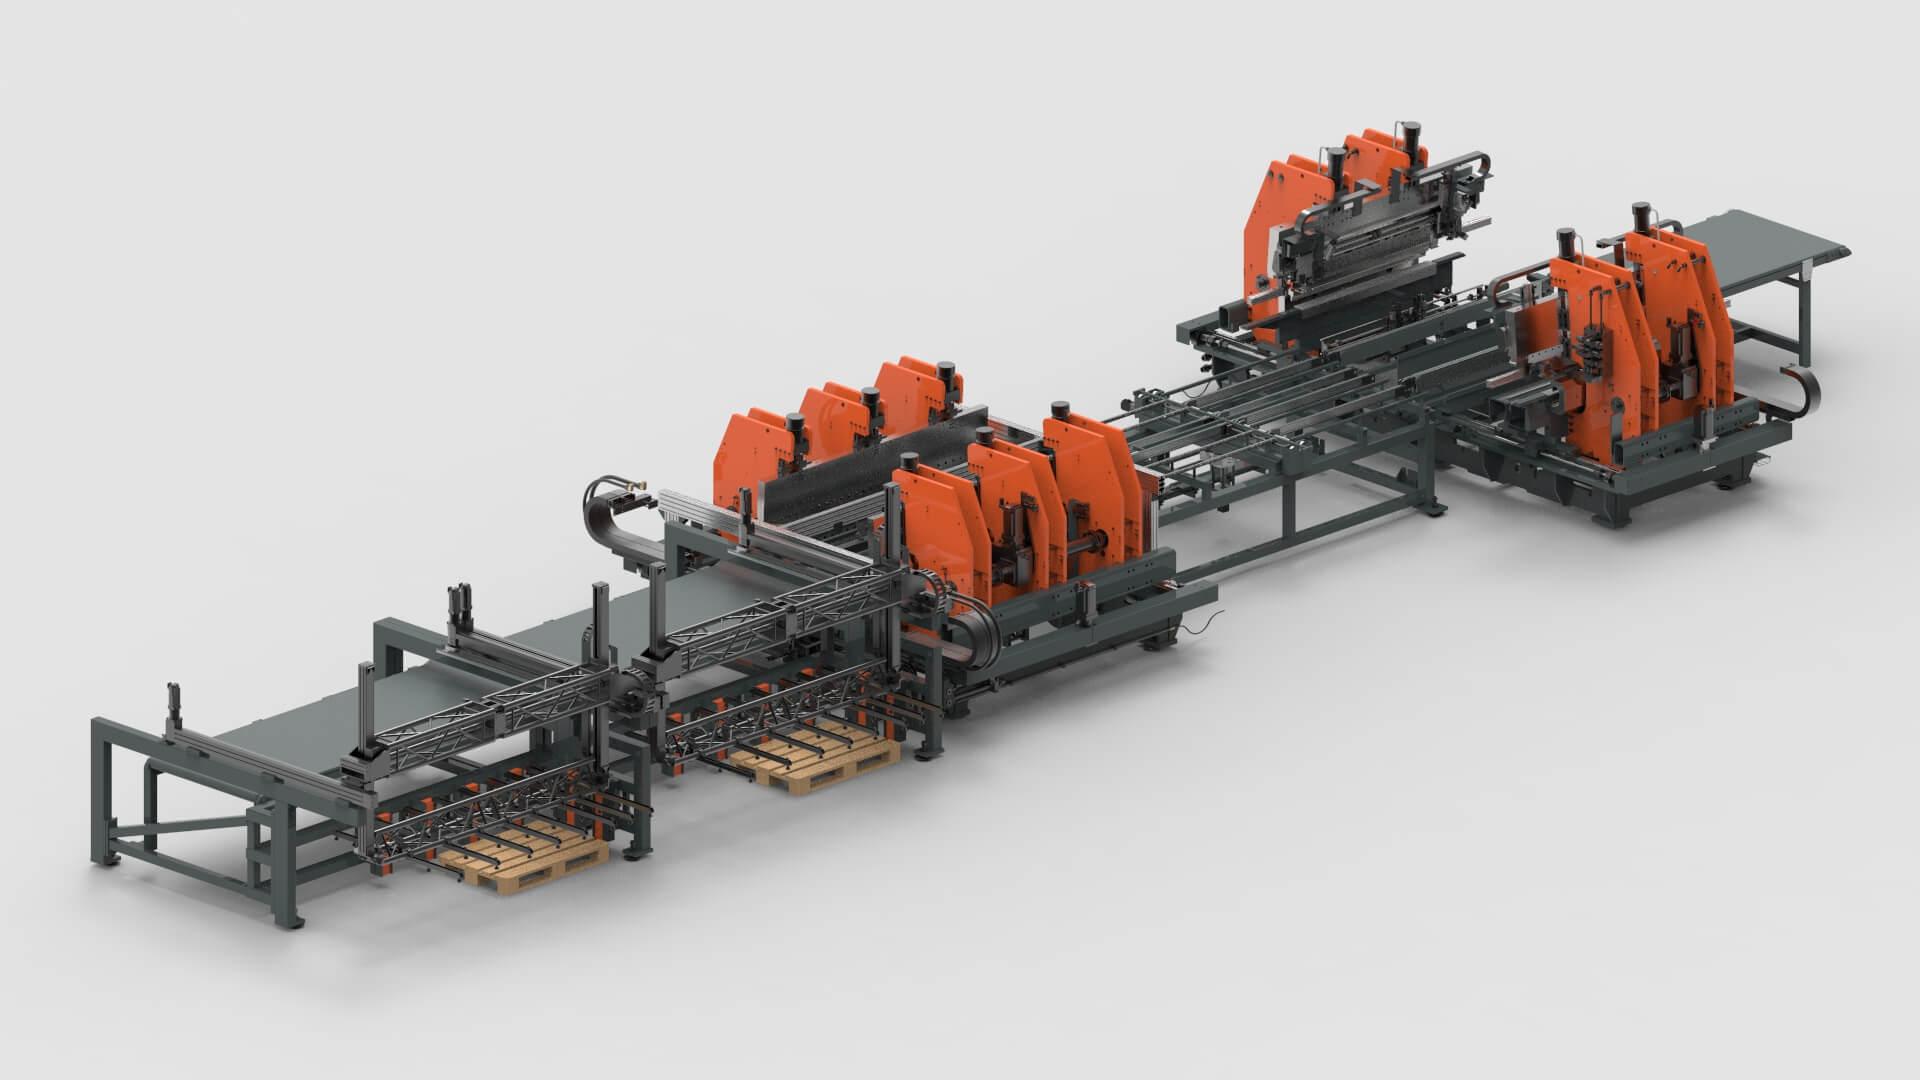 wemo-steel-doors-sheet-metal-4-sided-bending-production-line.jpg